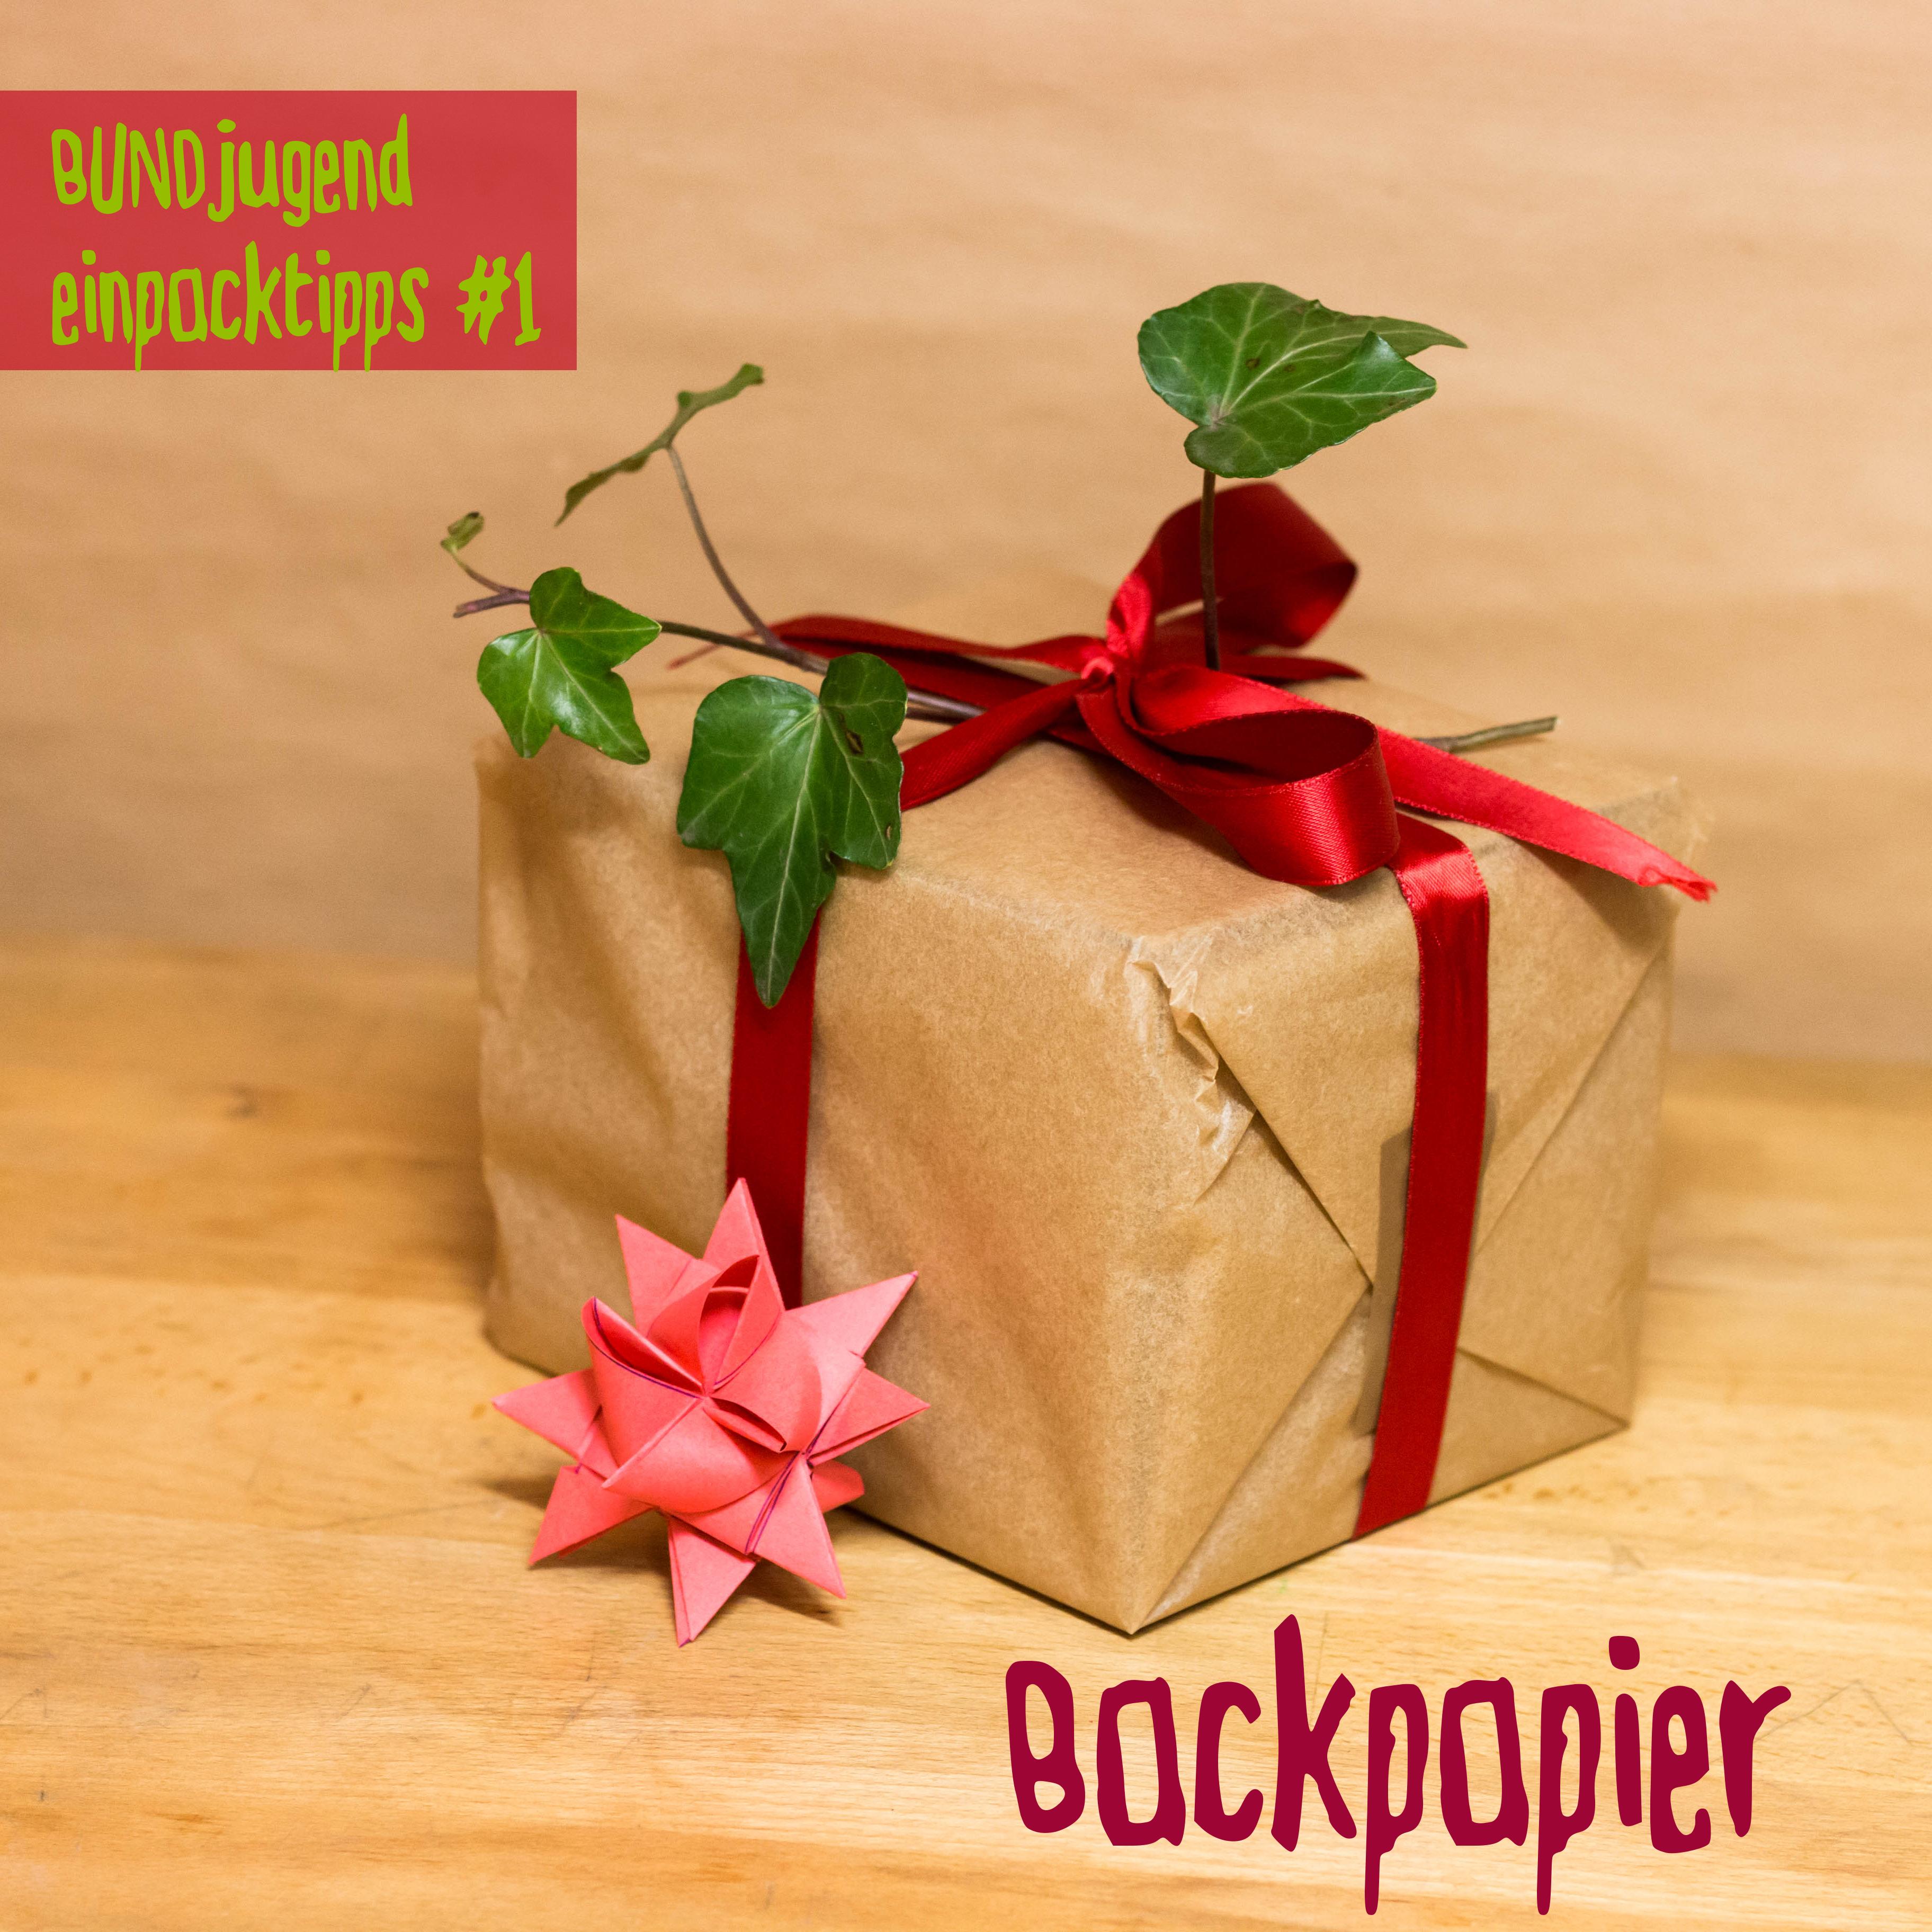 Vorschläge Weihnachtsgeschenke.Weihnachtsgeschenke ökologisch Verpacken Bundjugend Berlin